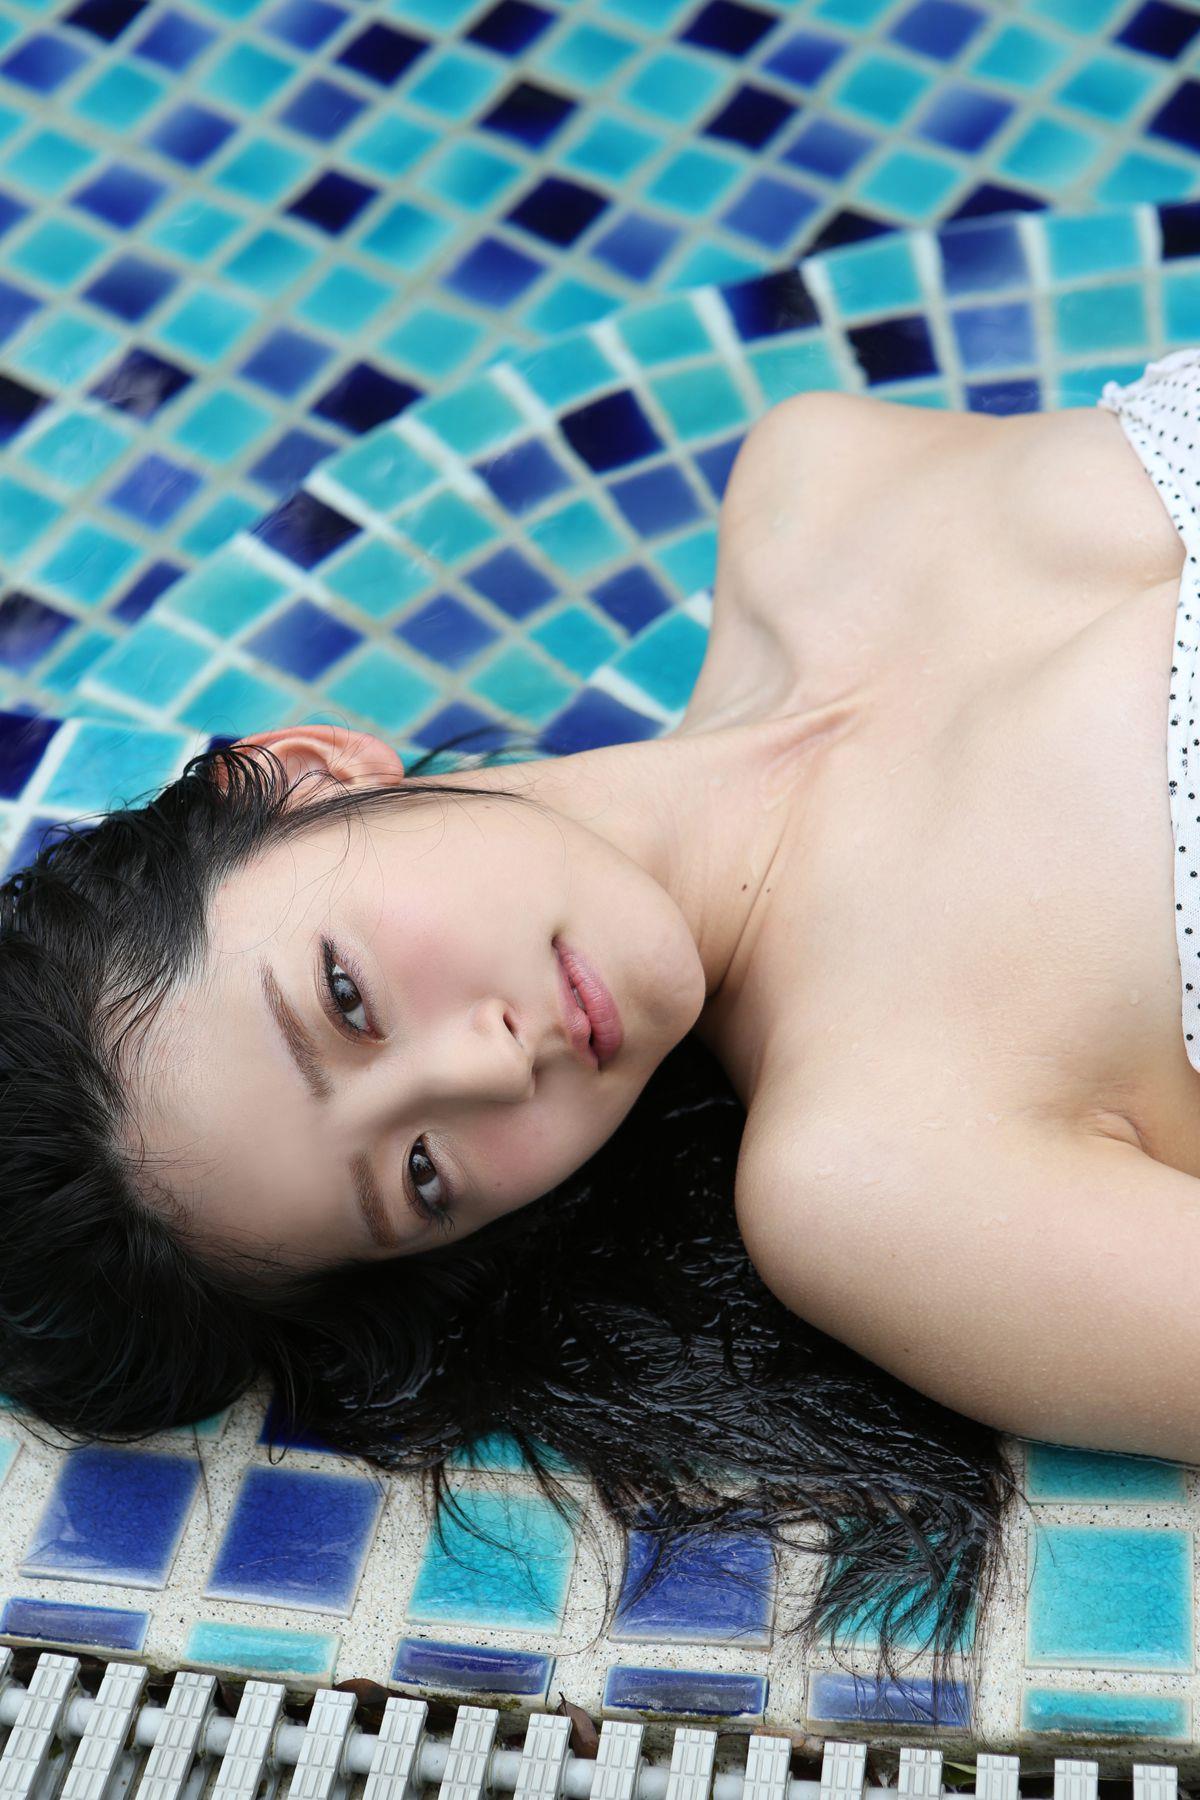 鈴木愛理(℃-ute) 画像 25